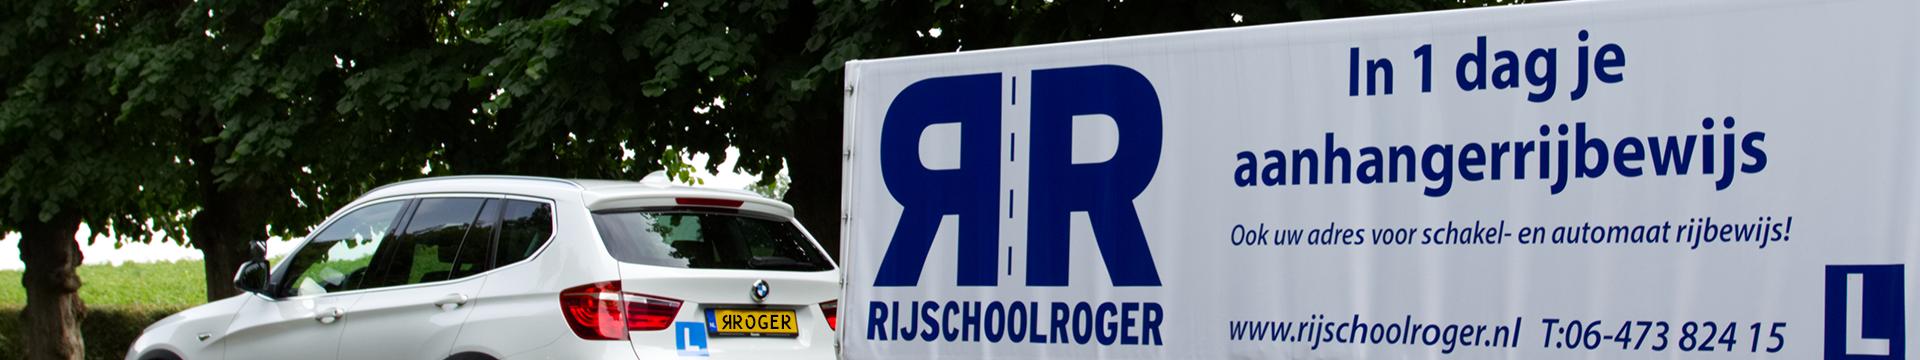 RIJSCHOOL ROGER